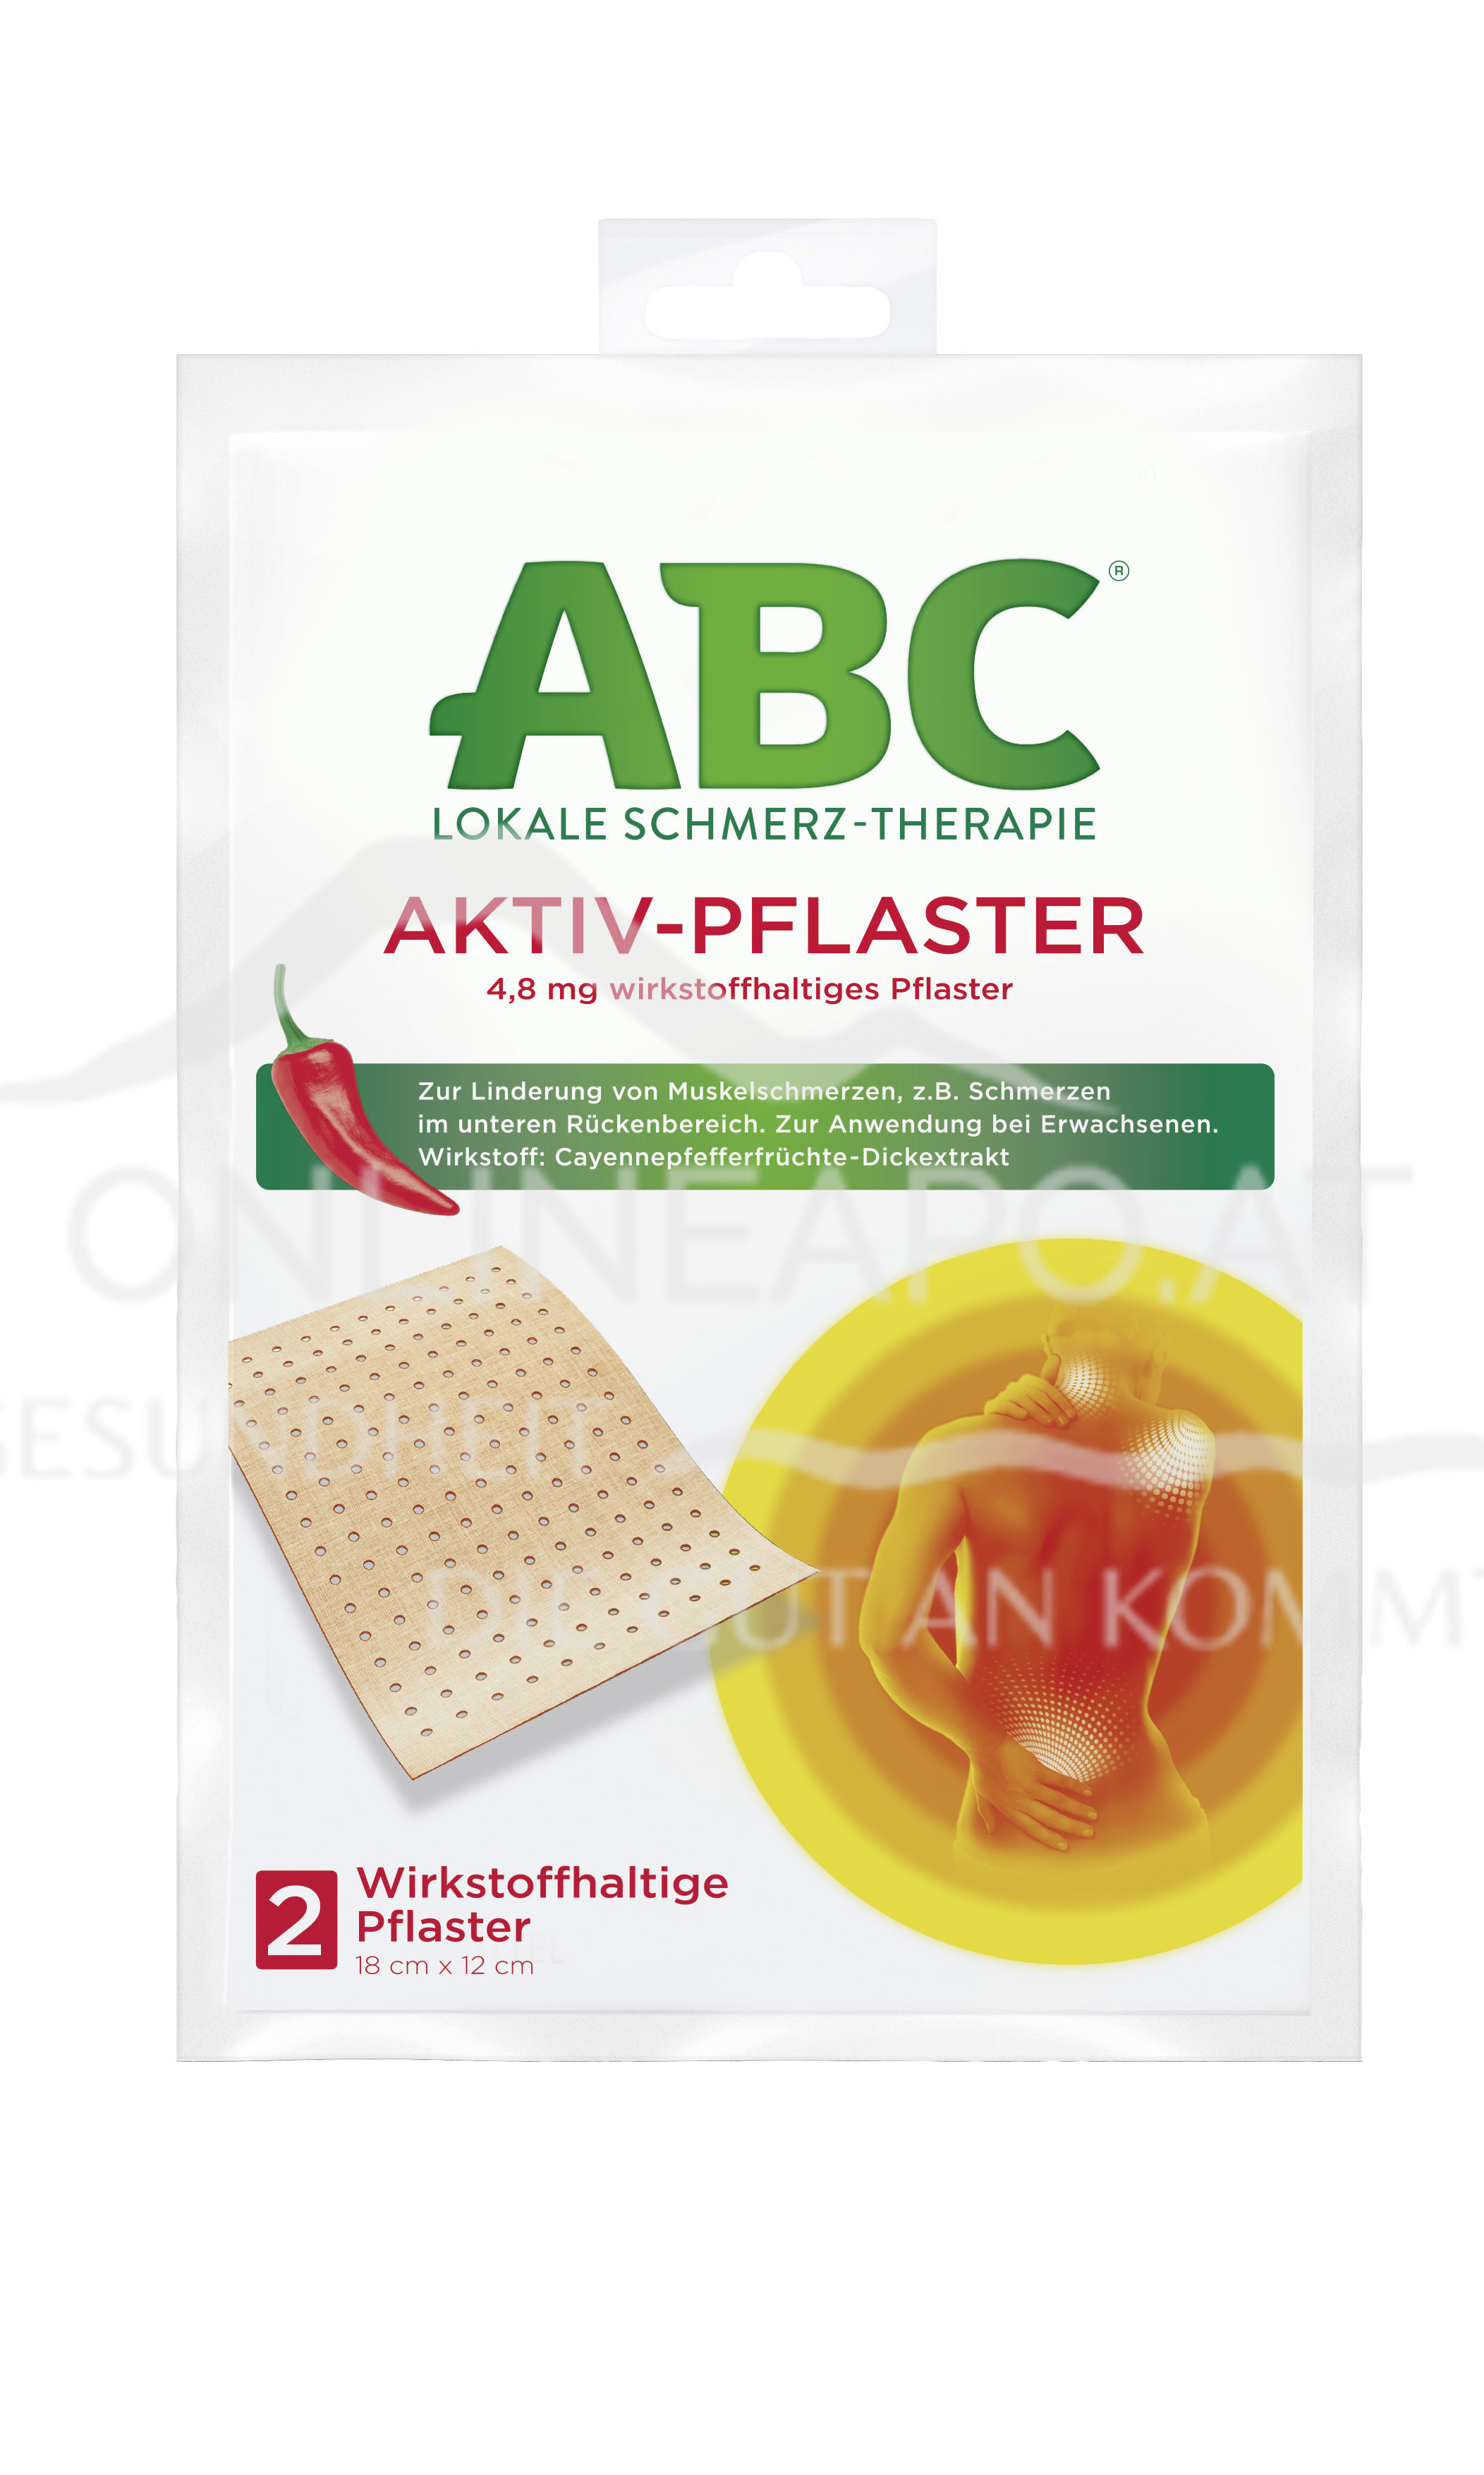 ABC® Lokale Schmerz-Therapie Aktiv-Pflaster 4,8 mg